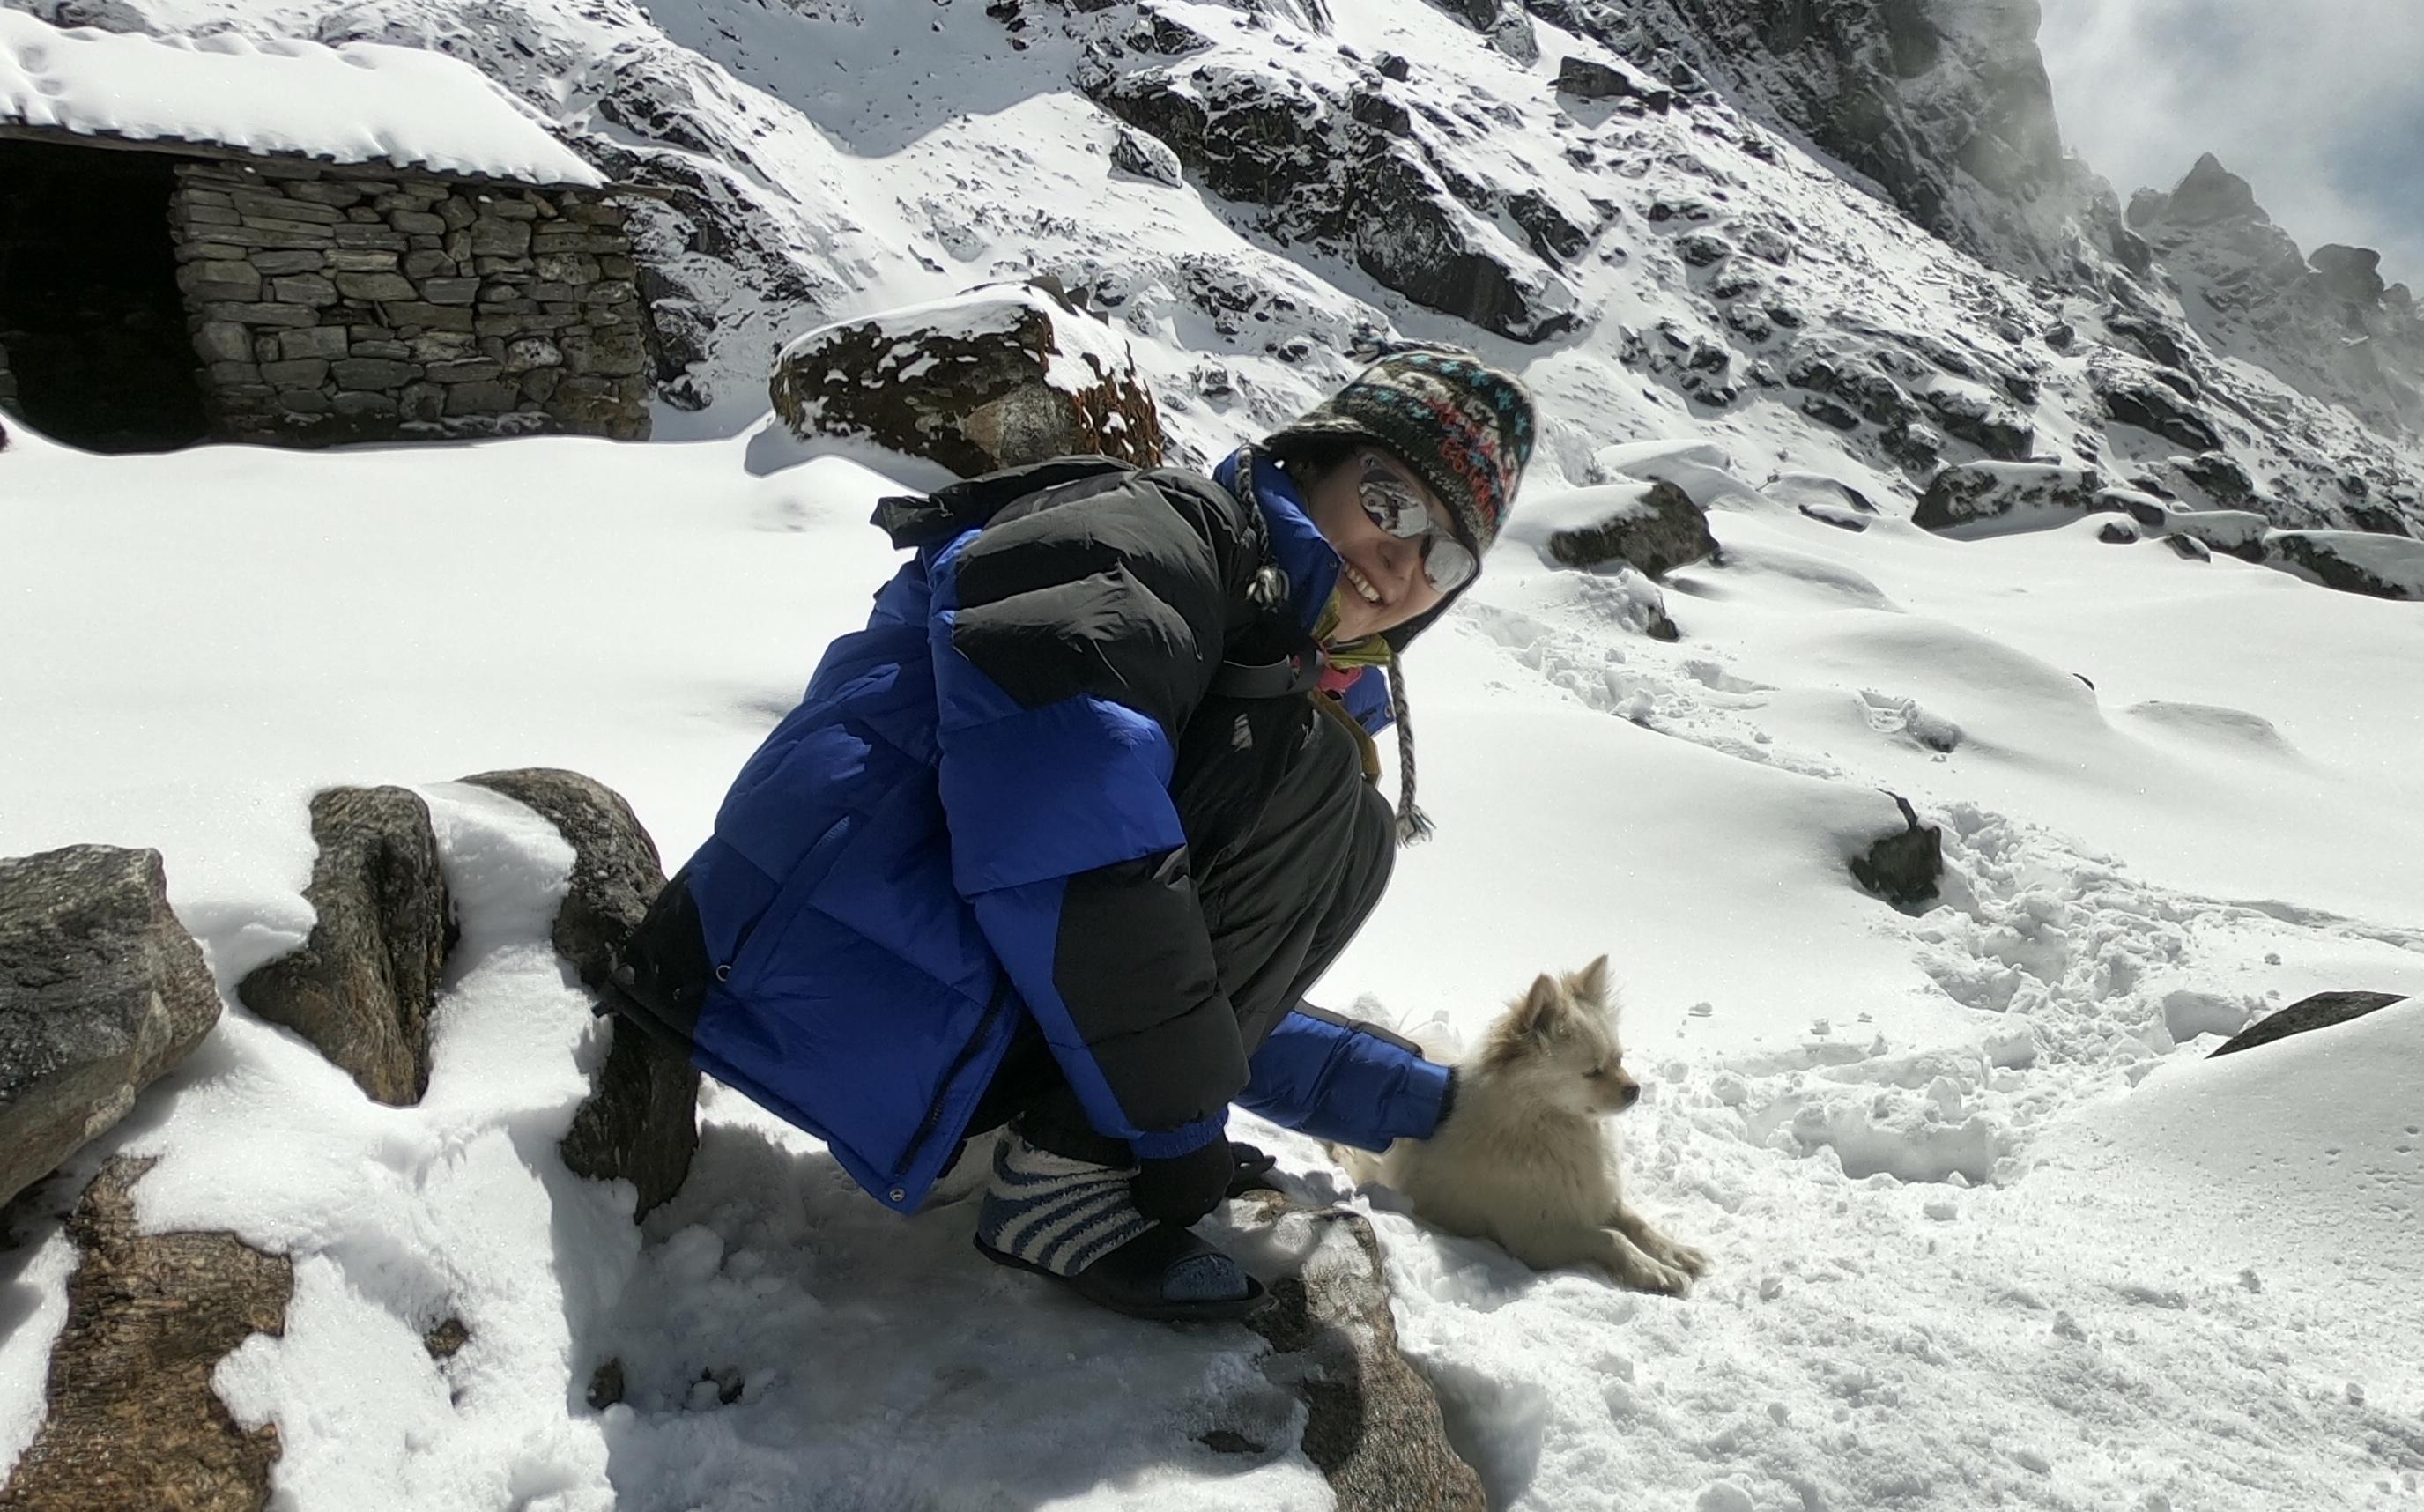 ネパール 登山 道具 ダウンジャケット